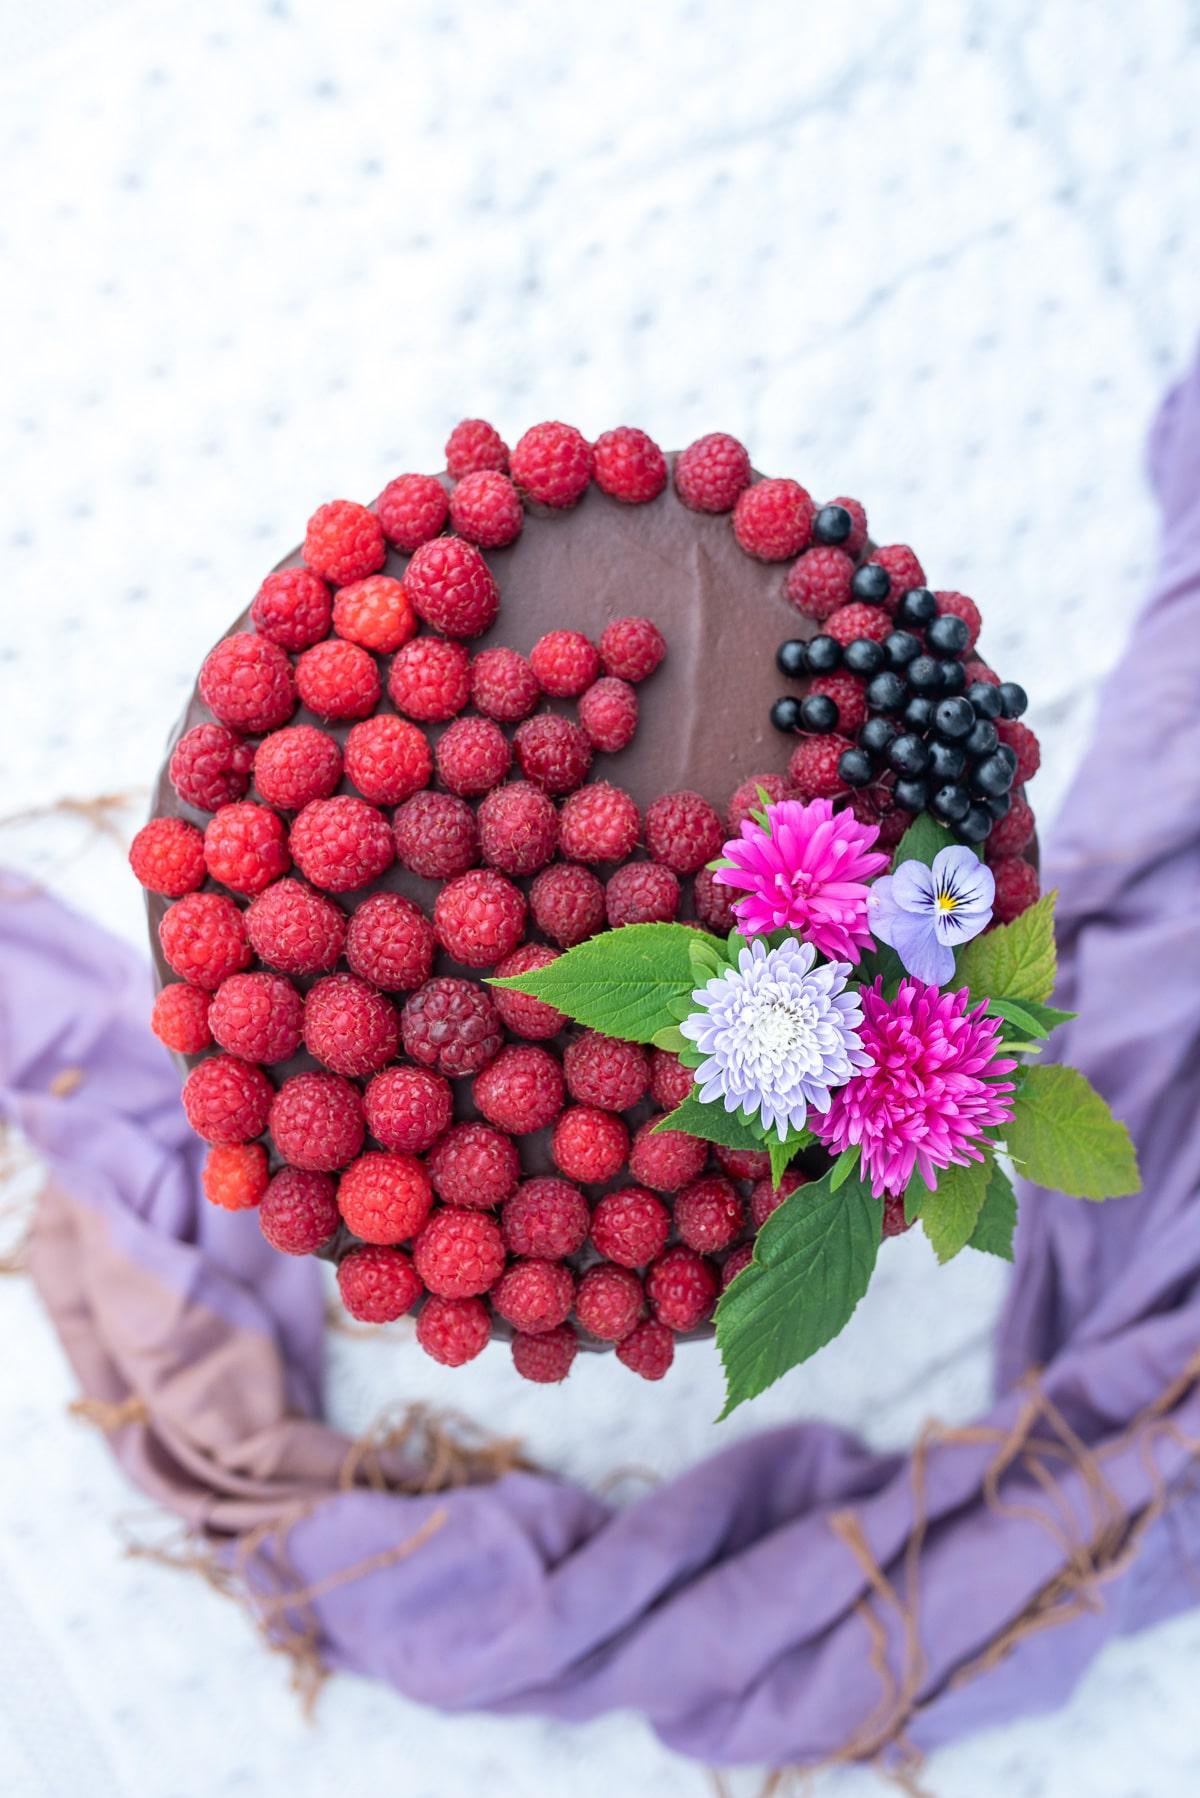 Widok z góry na tort polany polewą czekoladową i udekorowany malinami oraz świeżymi kwiatami